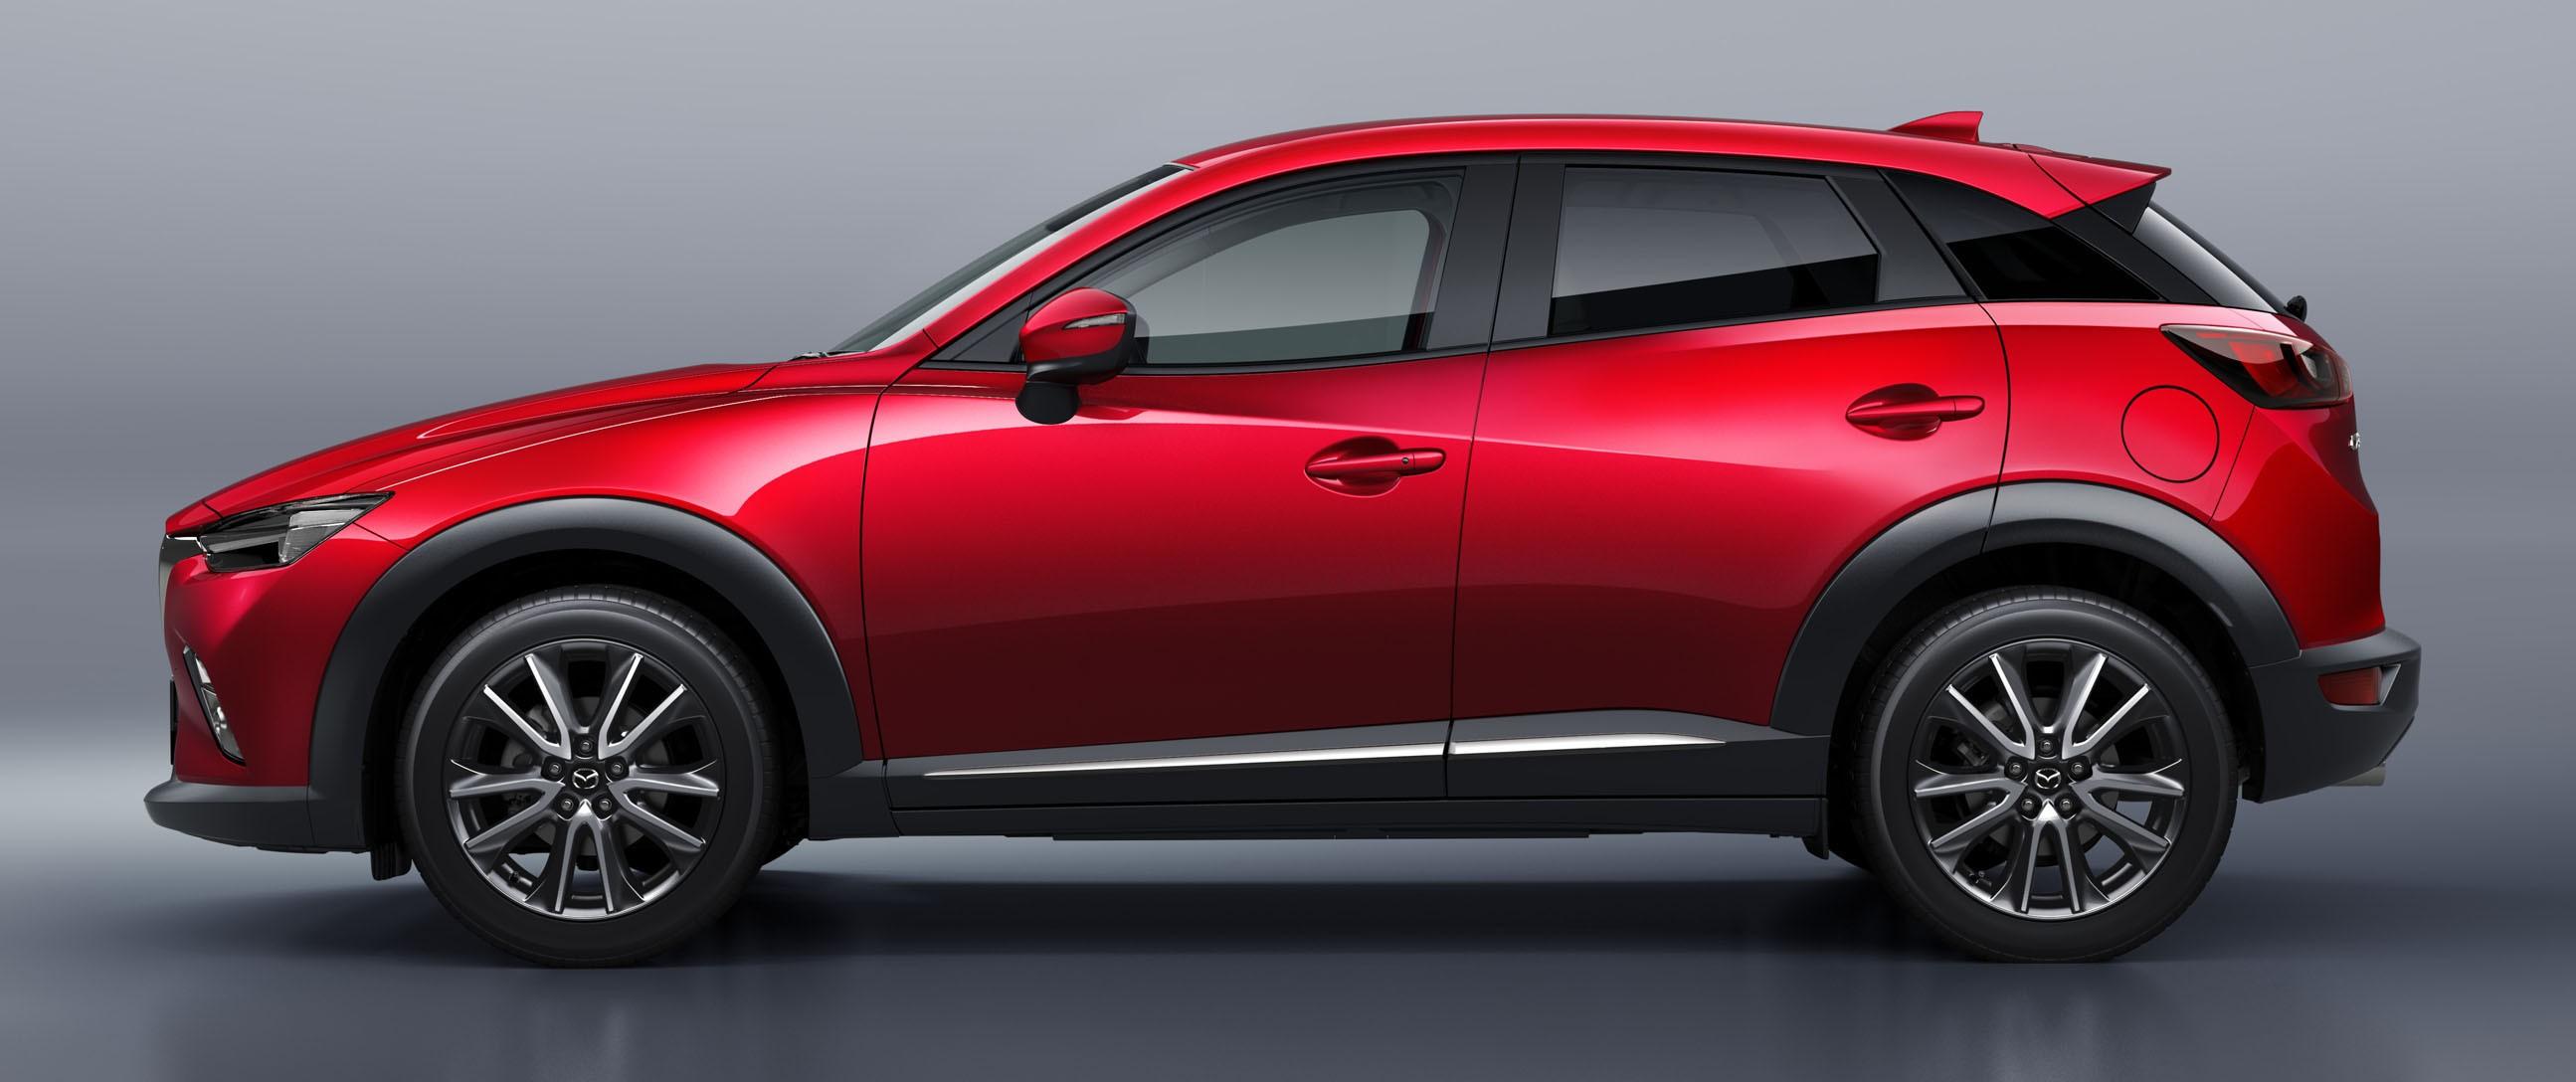 Mazda Cx 3 >> Mazda CX-3 – new B-segment SUV officially unveiled Image 289186